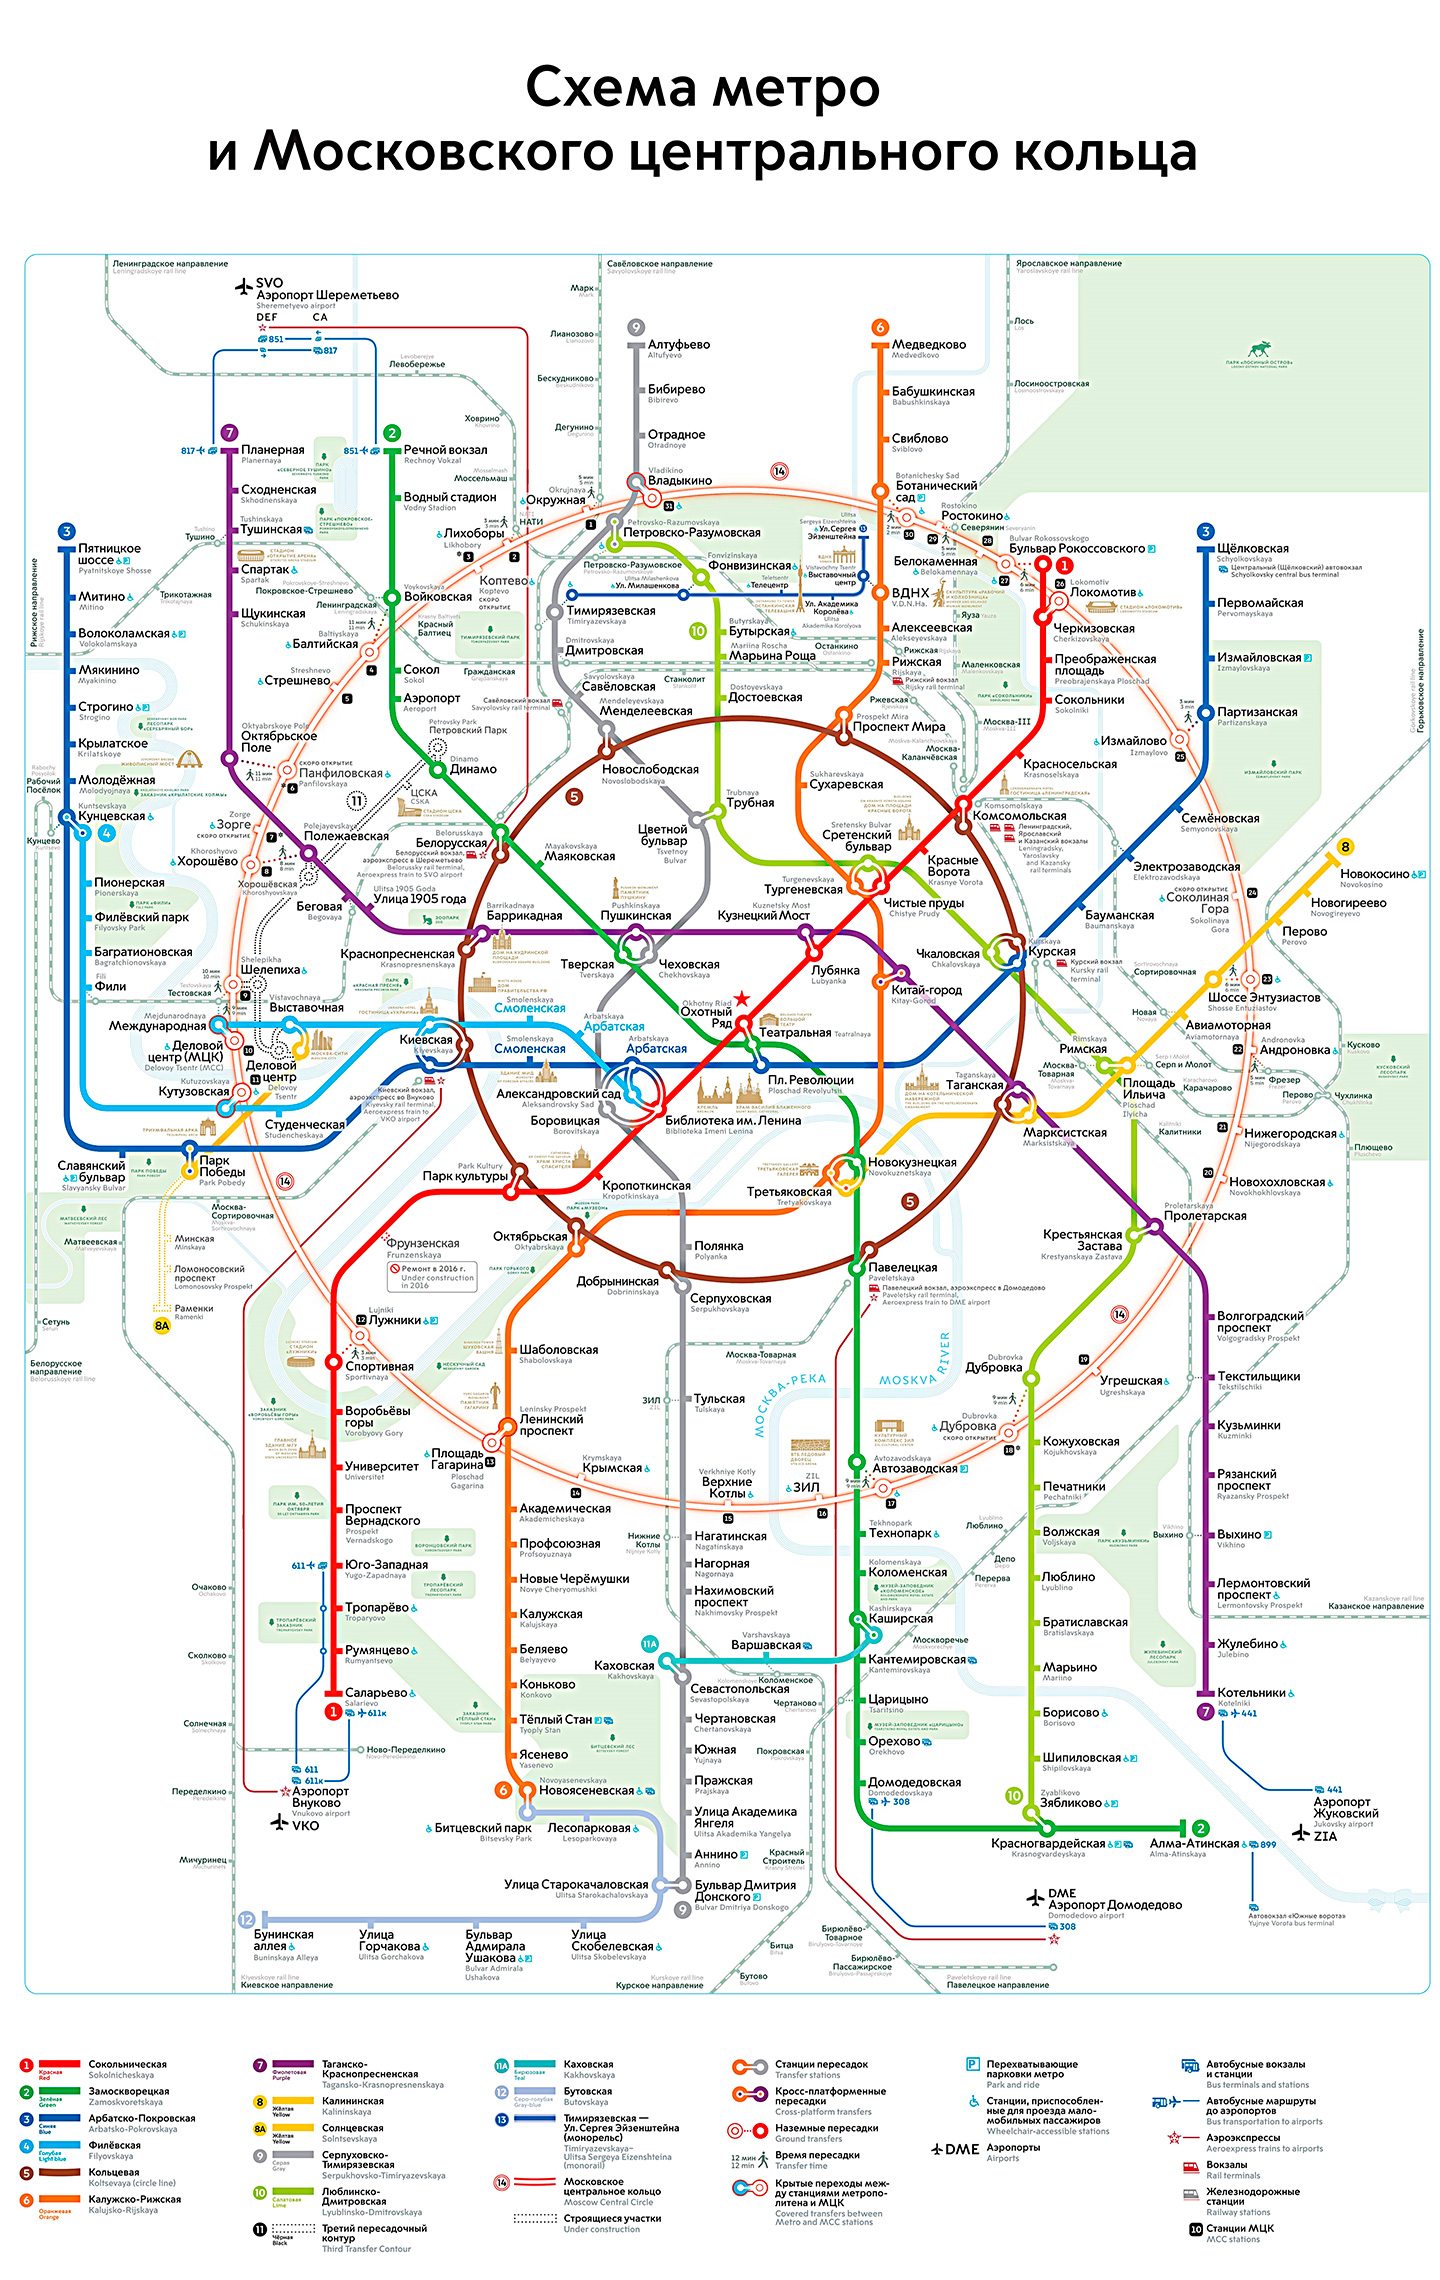 Схема линий московского метрополитена 2017 с расчетом времени